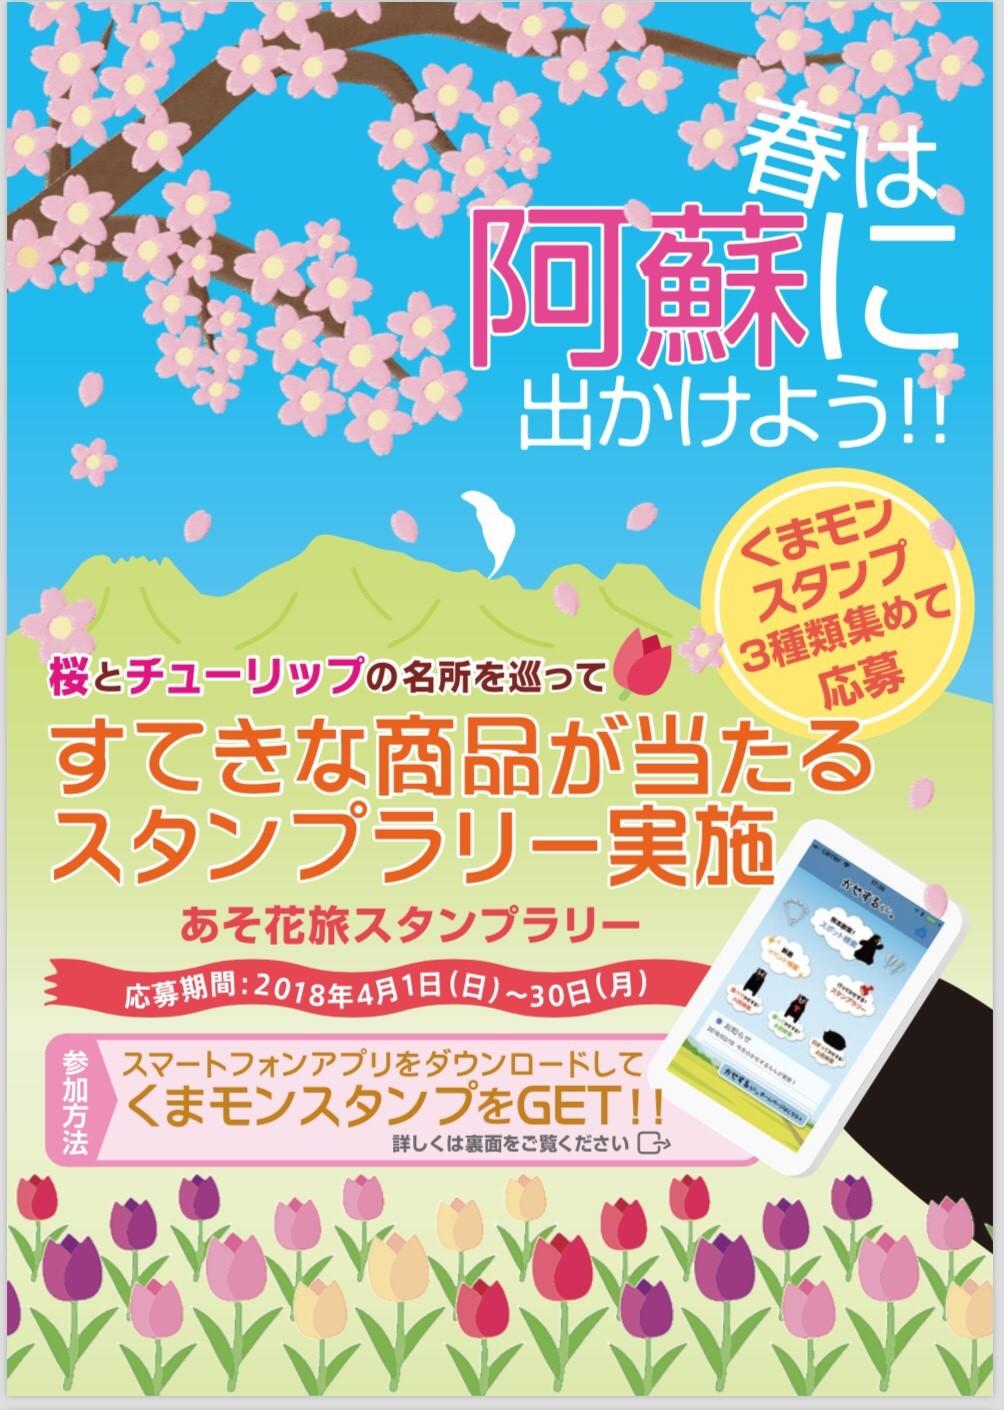 あそ花旅スタンプラリーのポスター